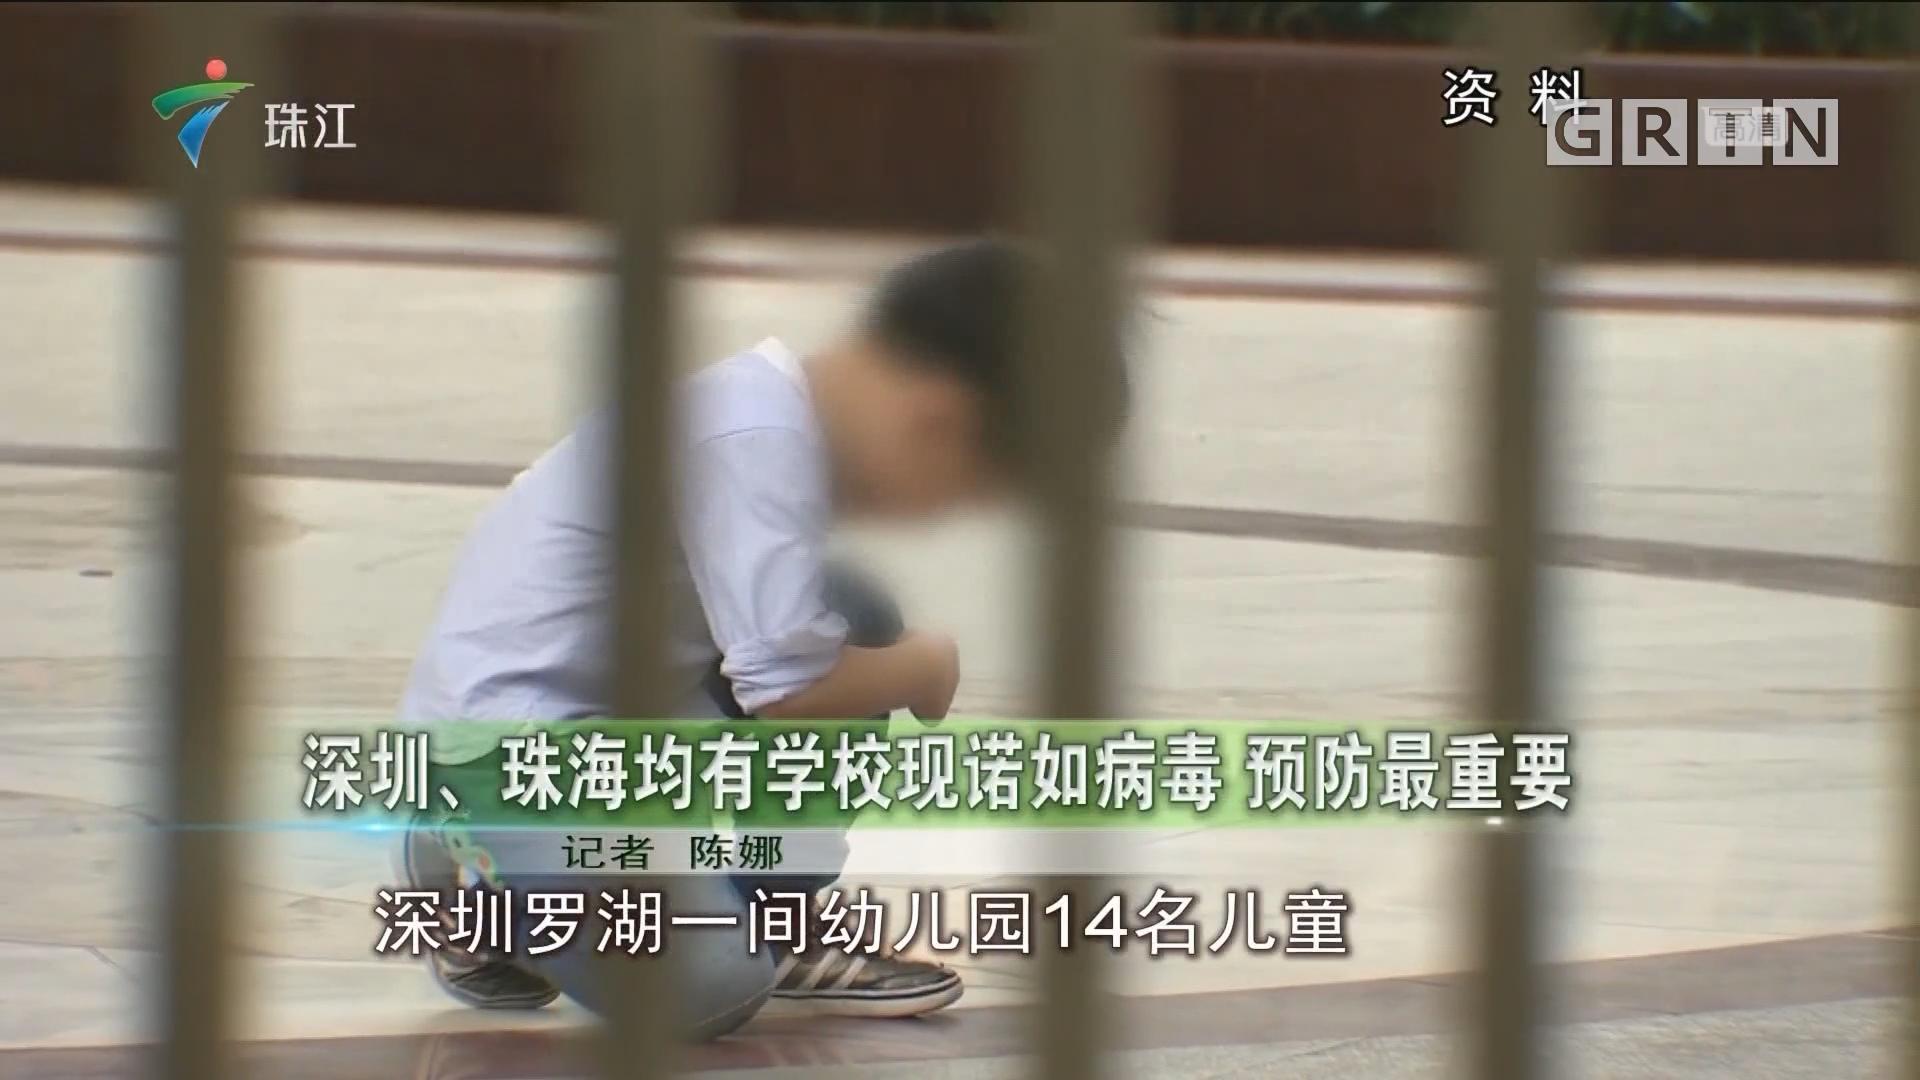 深圳、珠海均有学校现诺如病毒 预防最重要